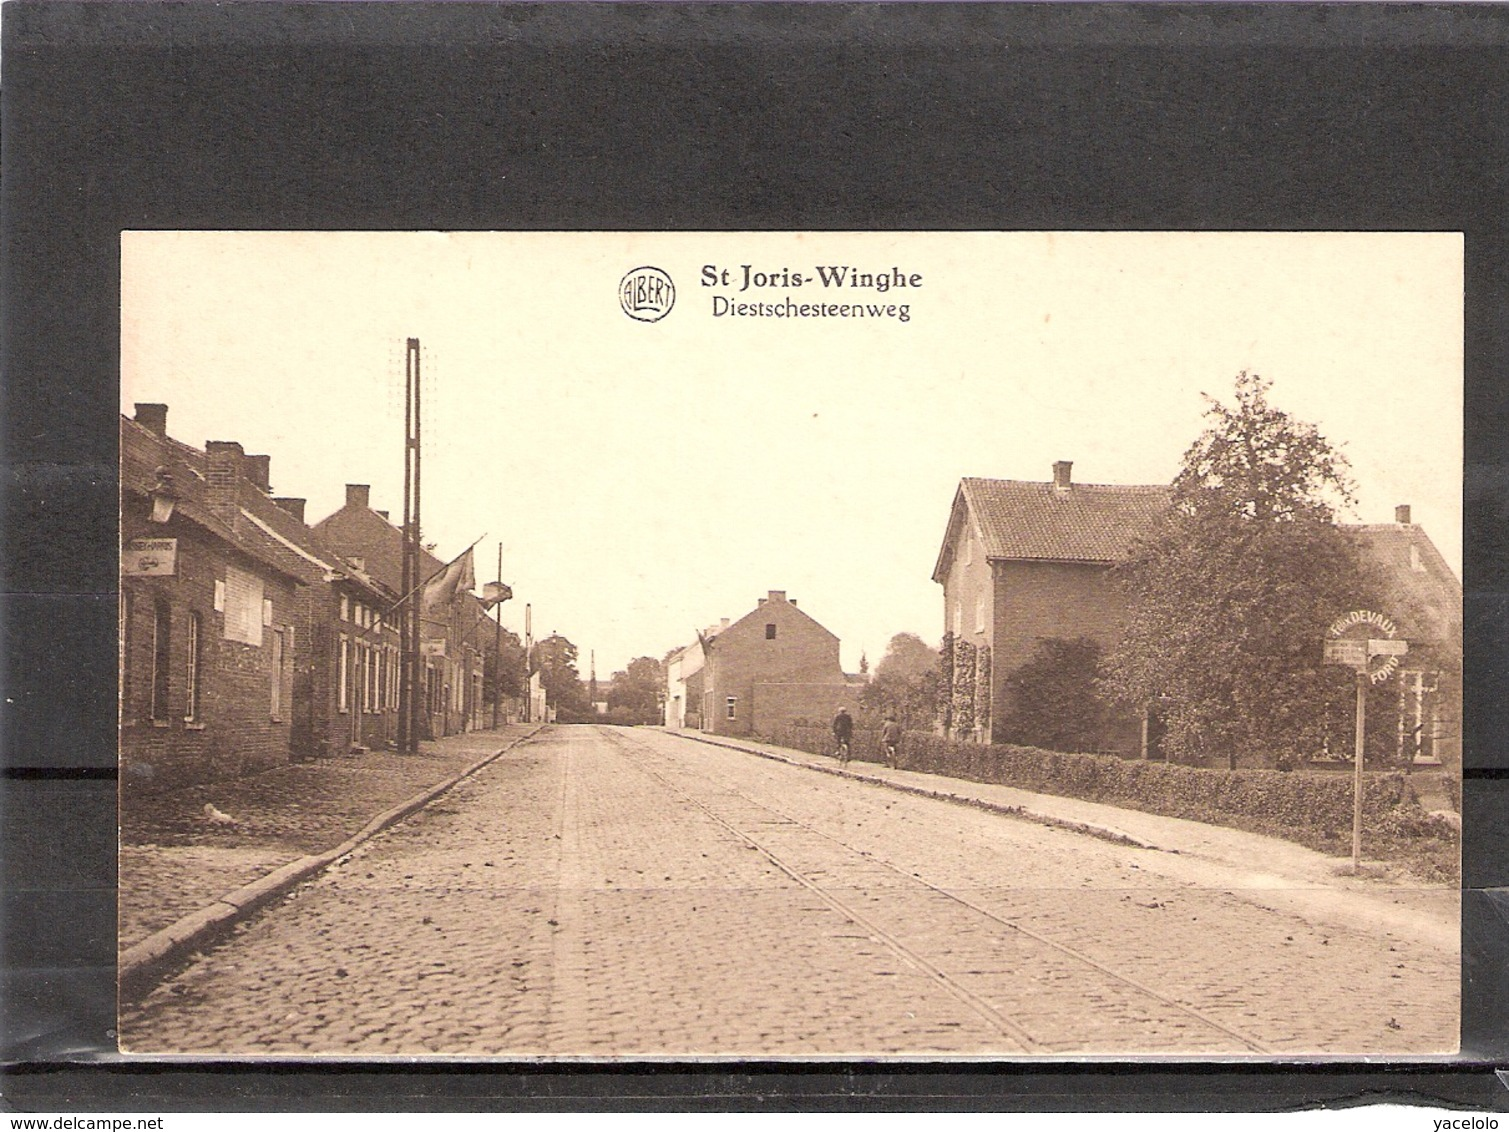 St.Joris-Winghe  / Diestschesteenweg - Tielt-Winge